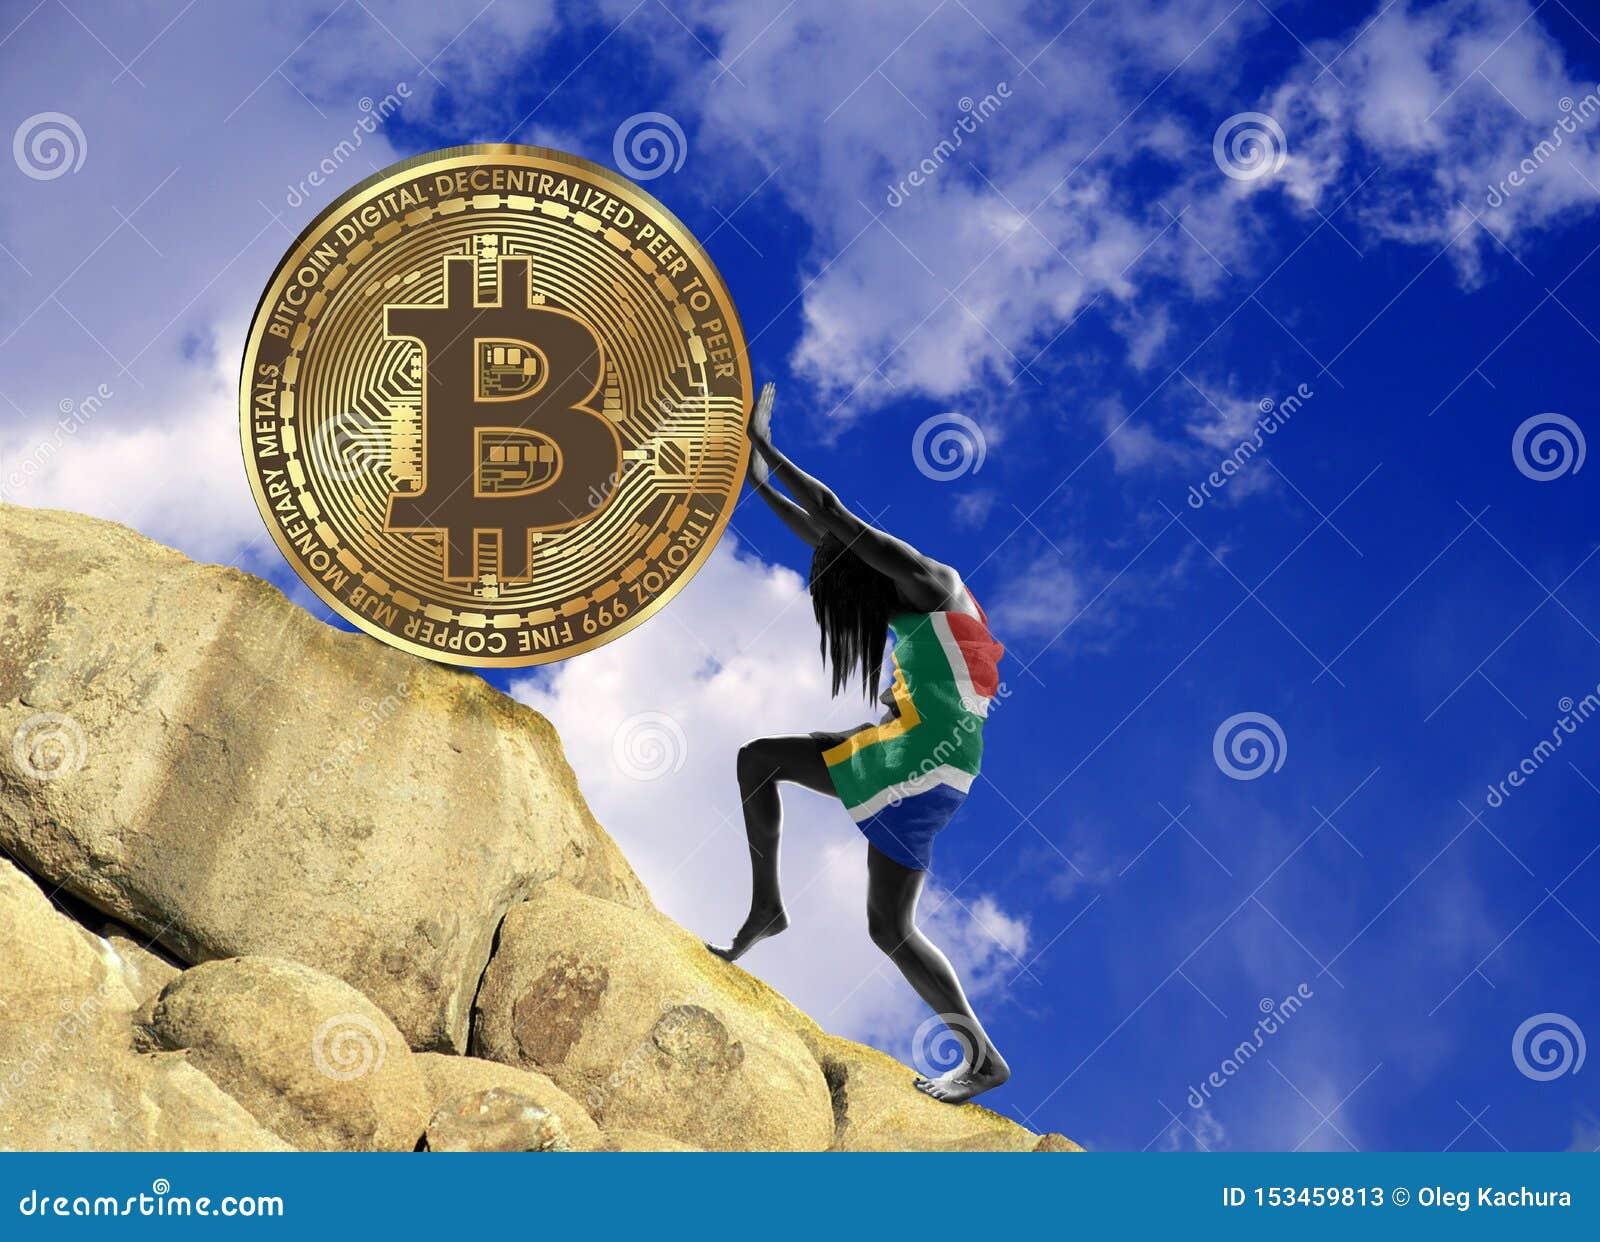 Девушка, в оболочке во флаге Южной Африки, поднимает монетку bitcoin вверх по холму